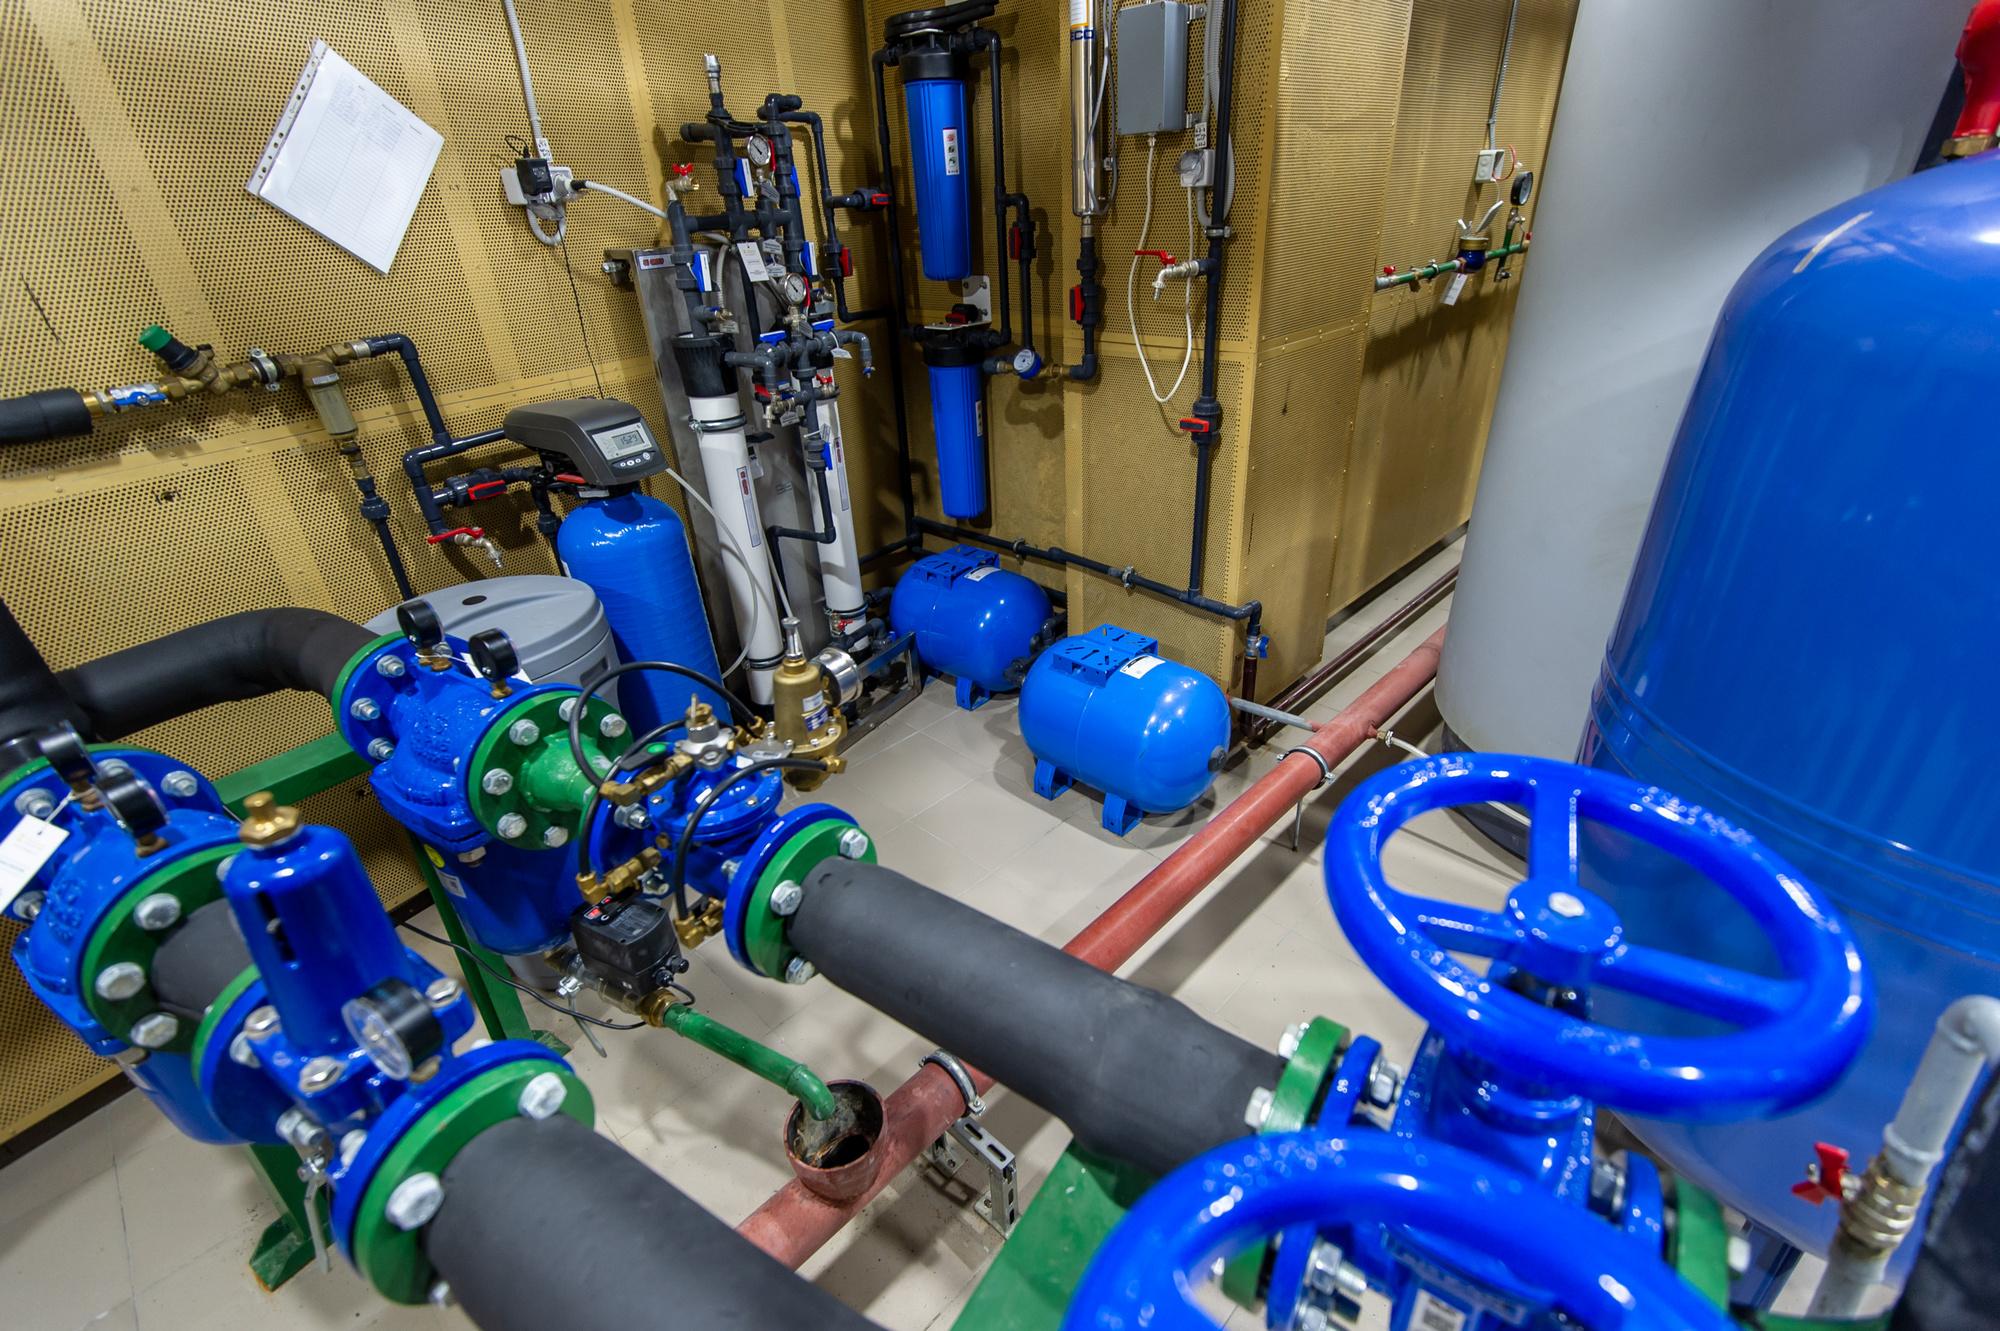 Система нагрева воды и терморегуляции занимает в LeapKids большое подвальное помещение